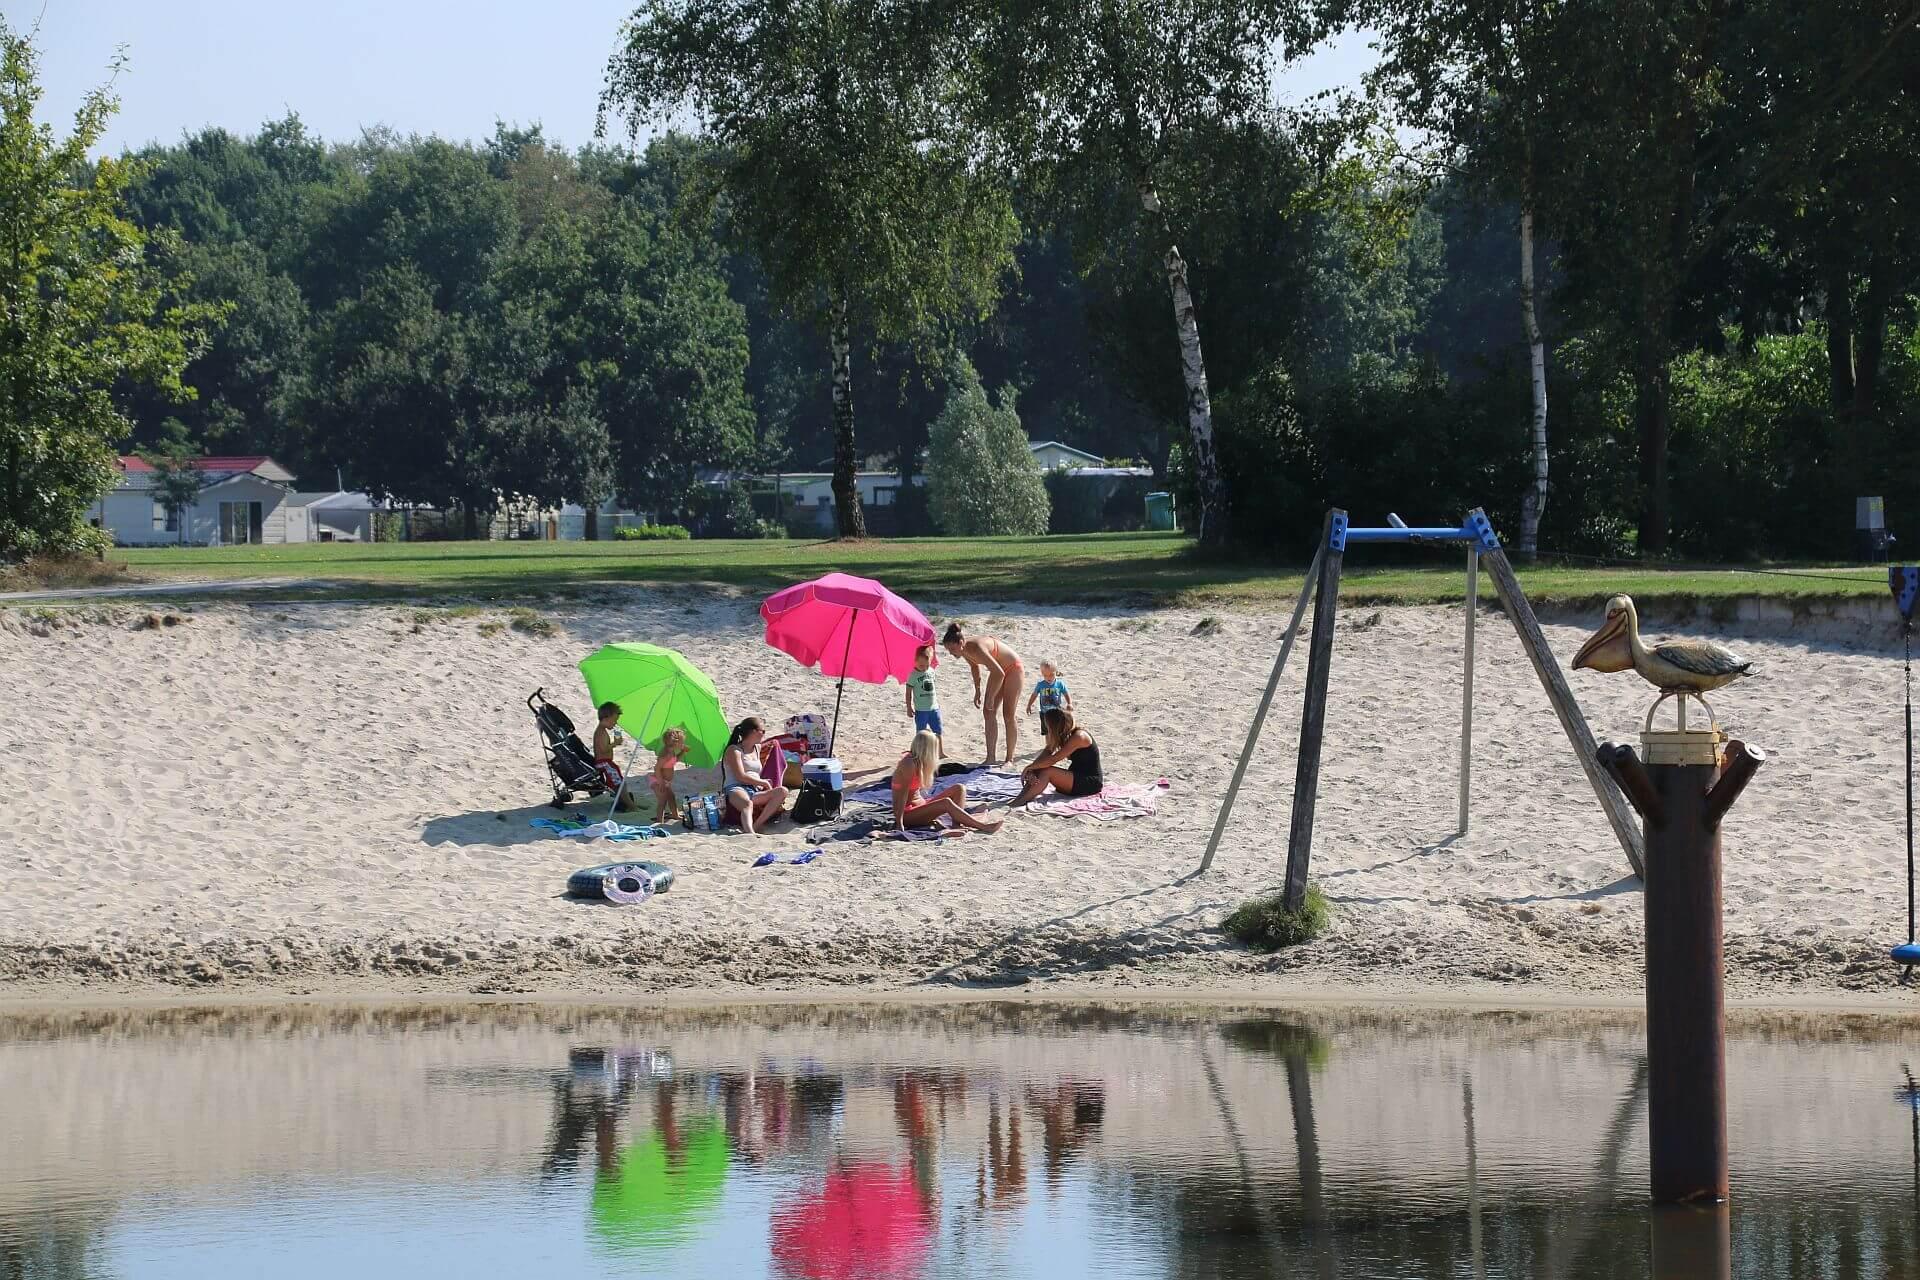 Strandurlaub an der deutsch-niederländischen Grenze - Strandurlaub